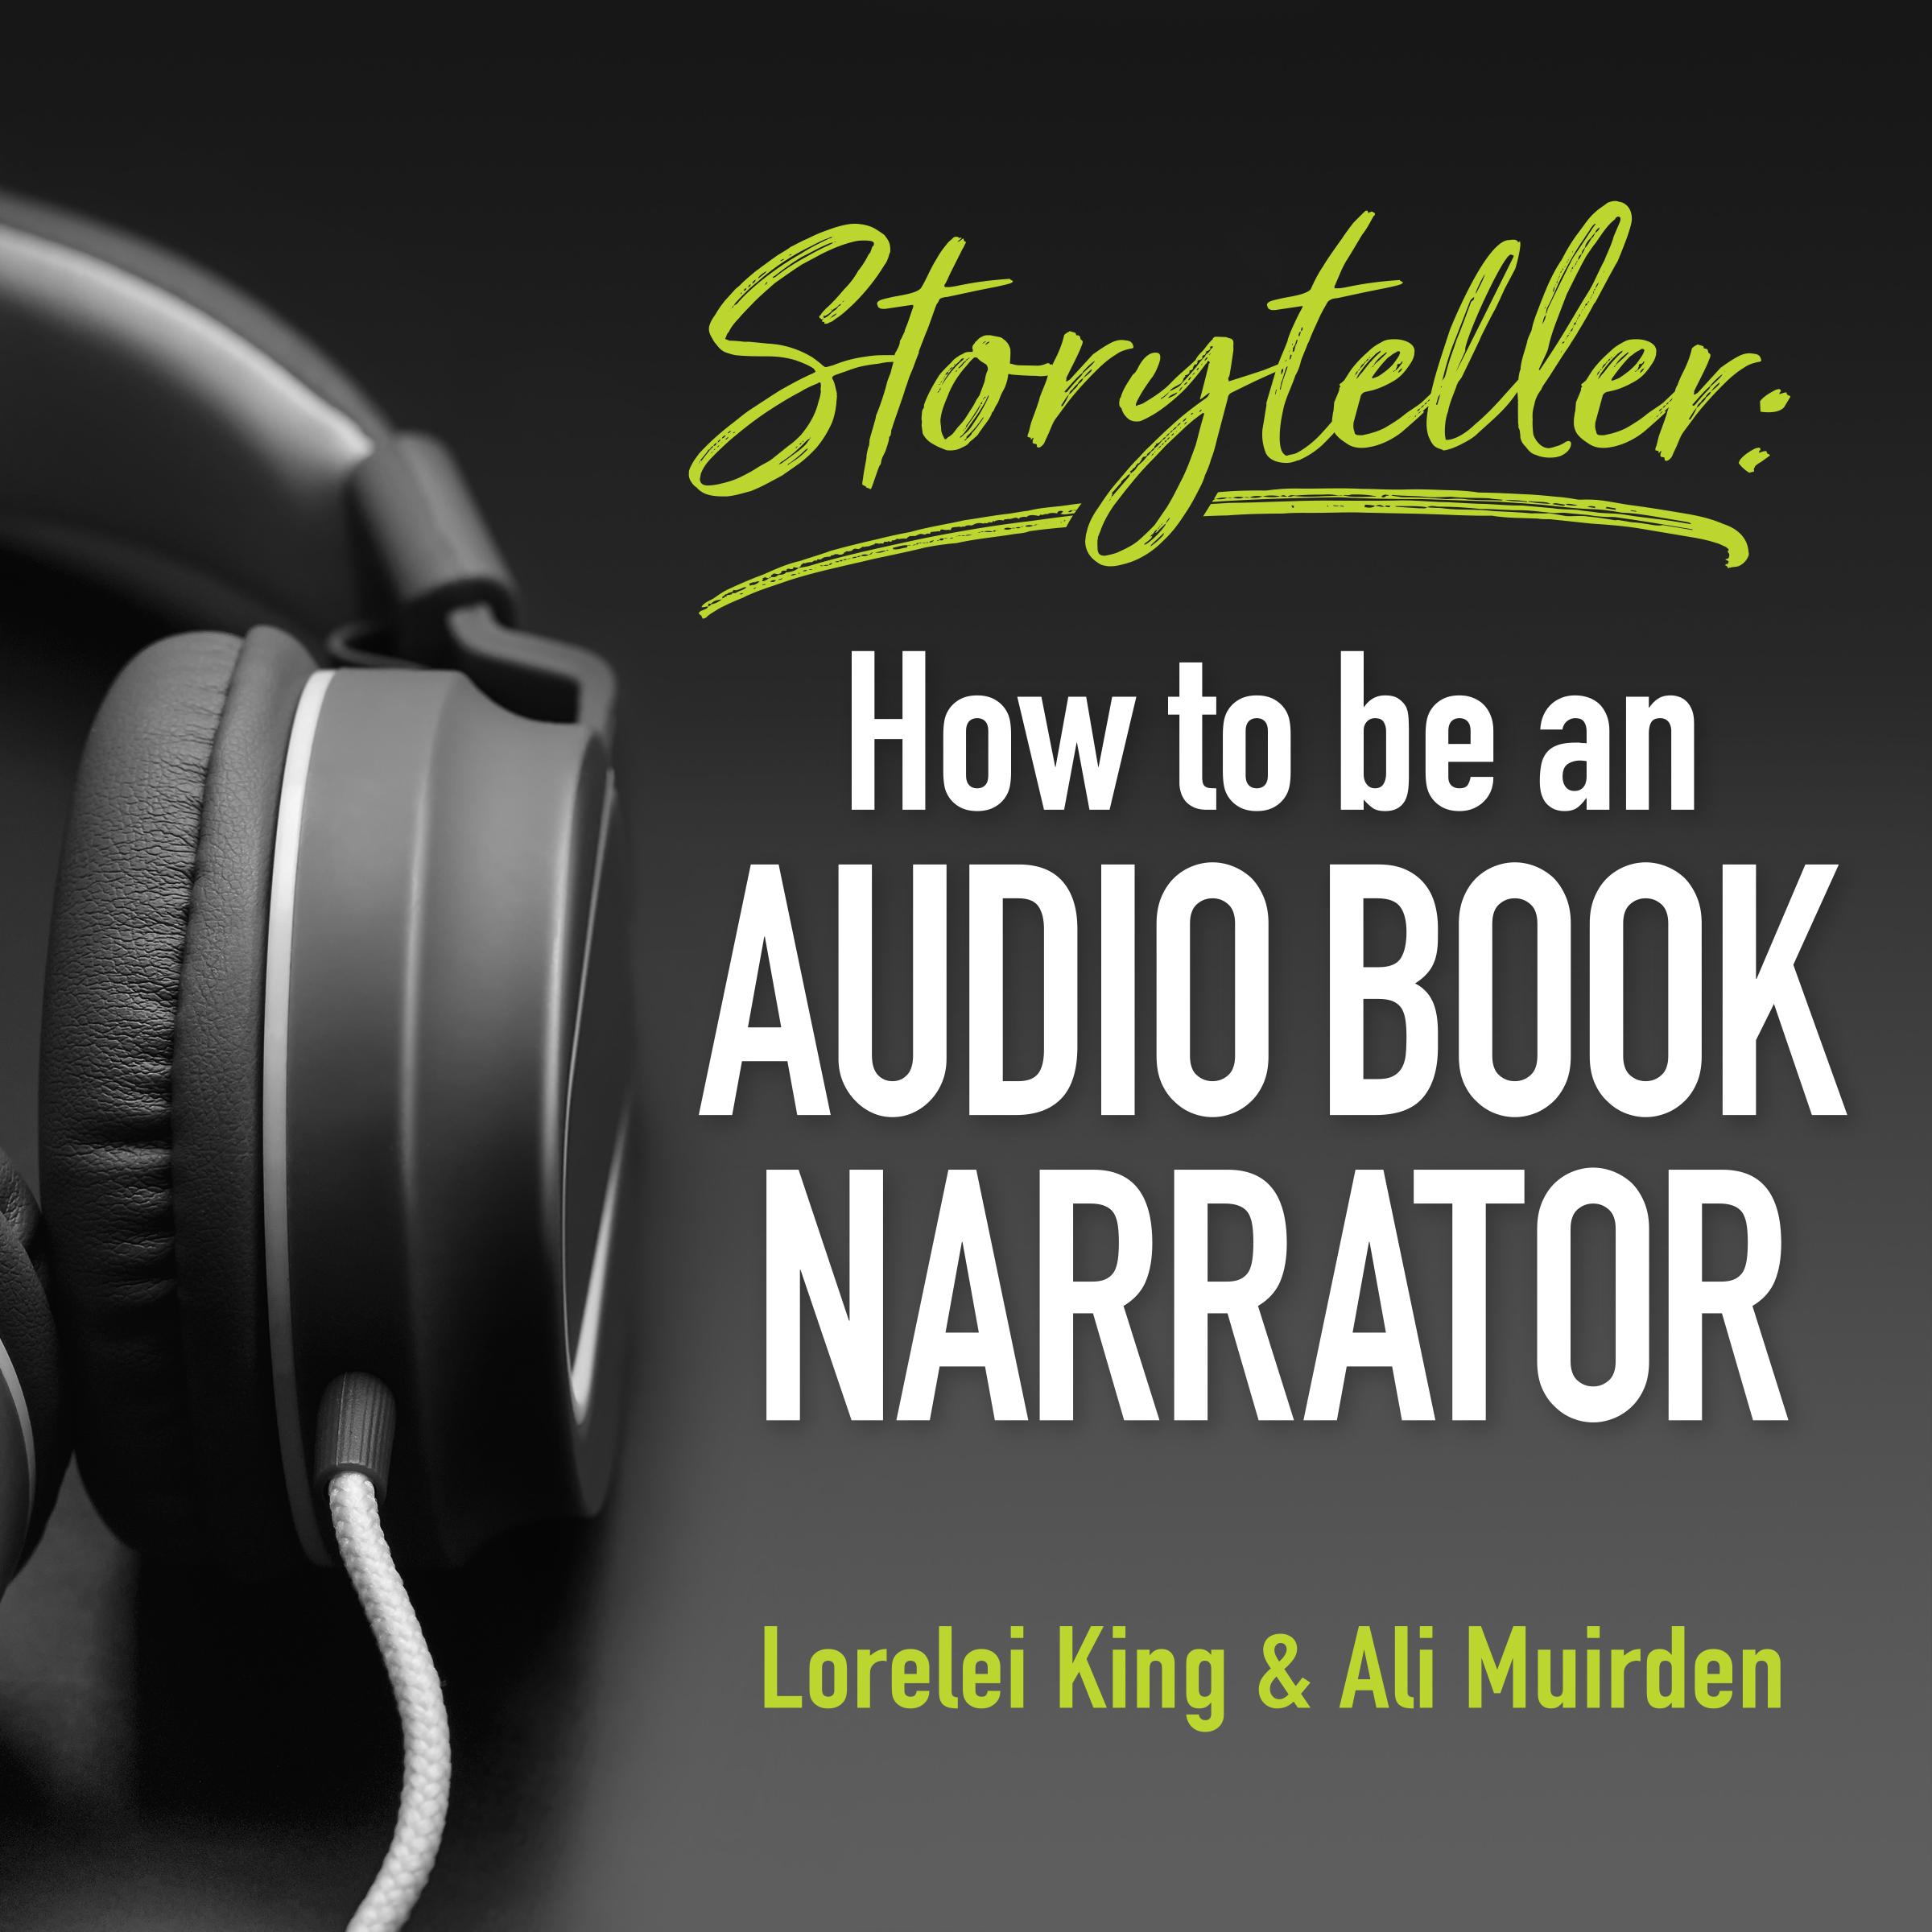 BookGram: StoryTeller by Lorelei King & Ali Muirden (Sultry Listeners Winner)